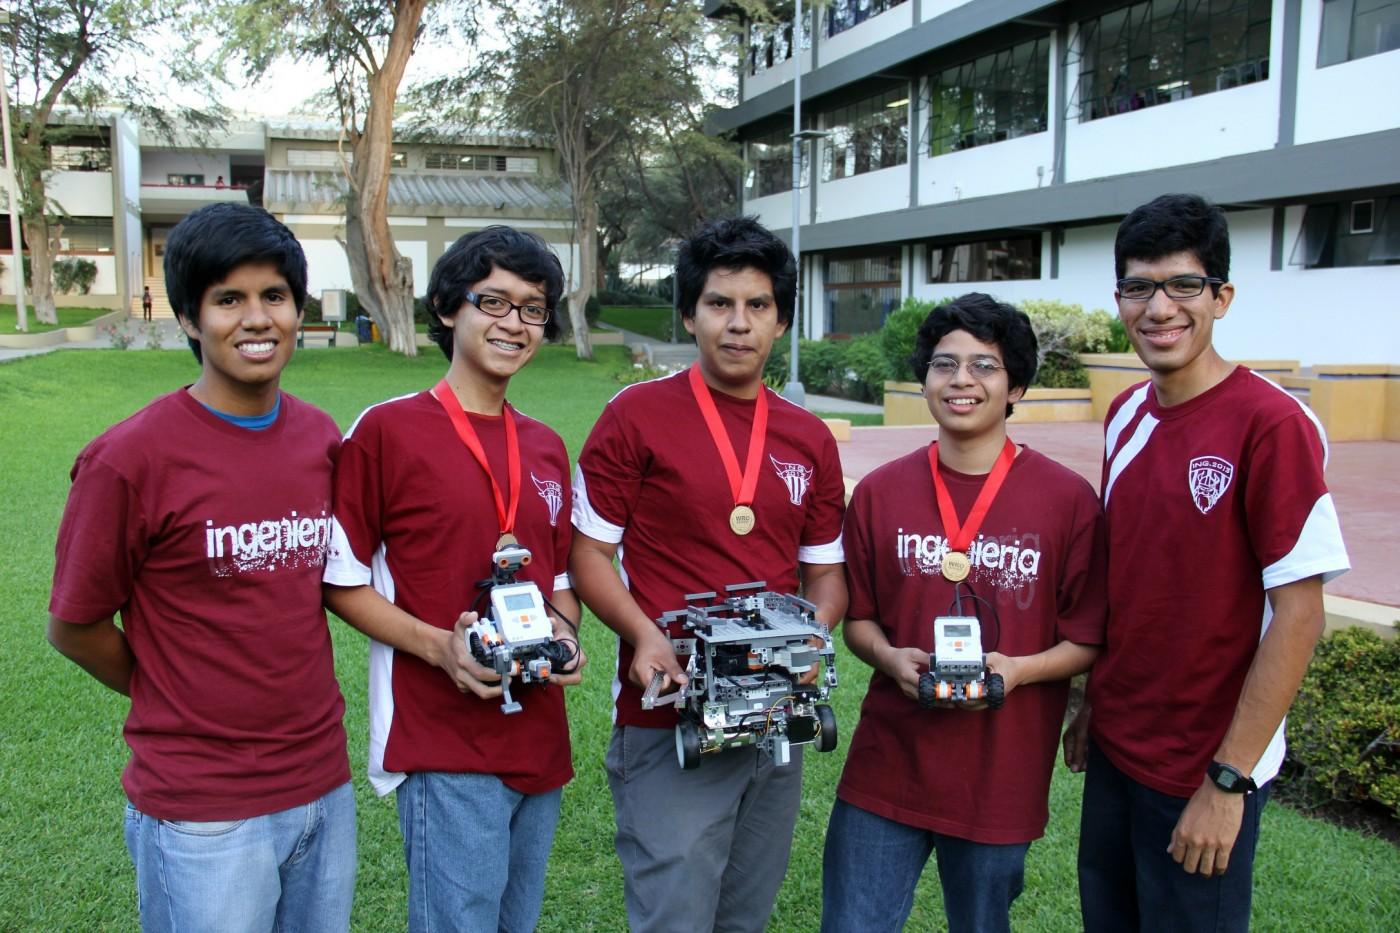 campeones robótica